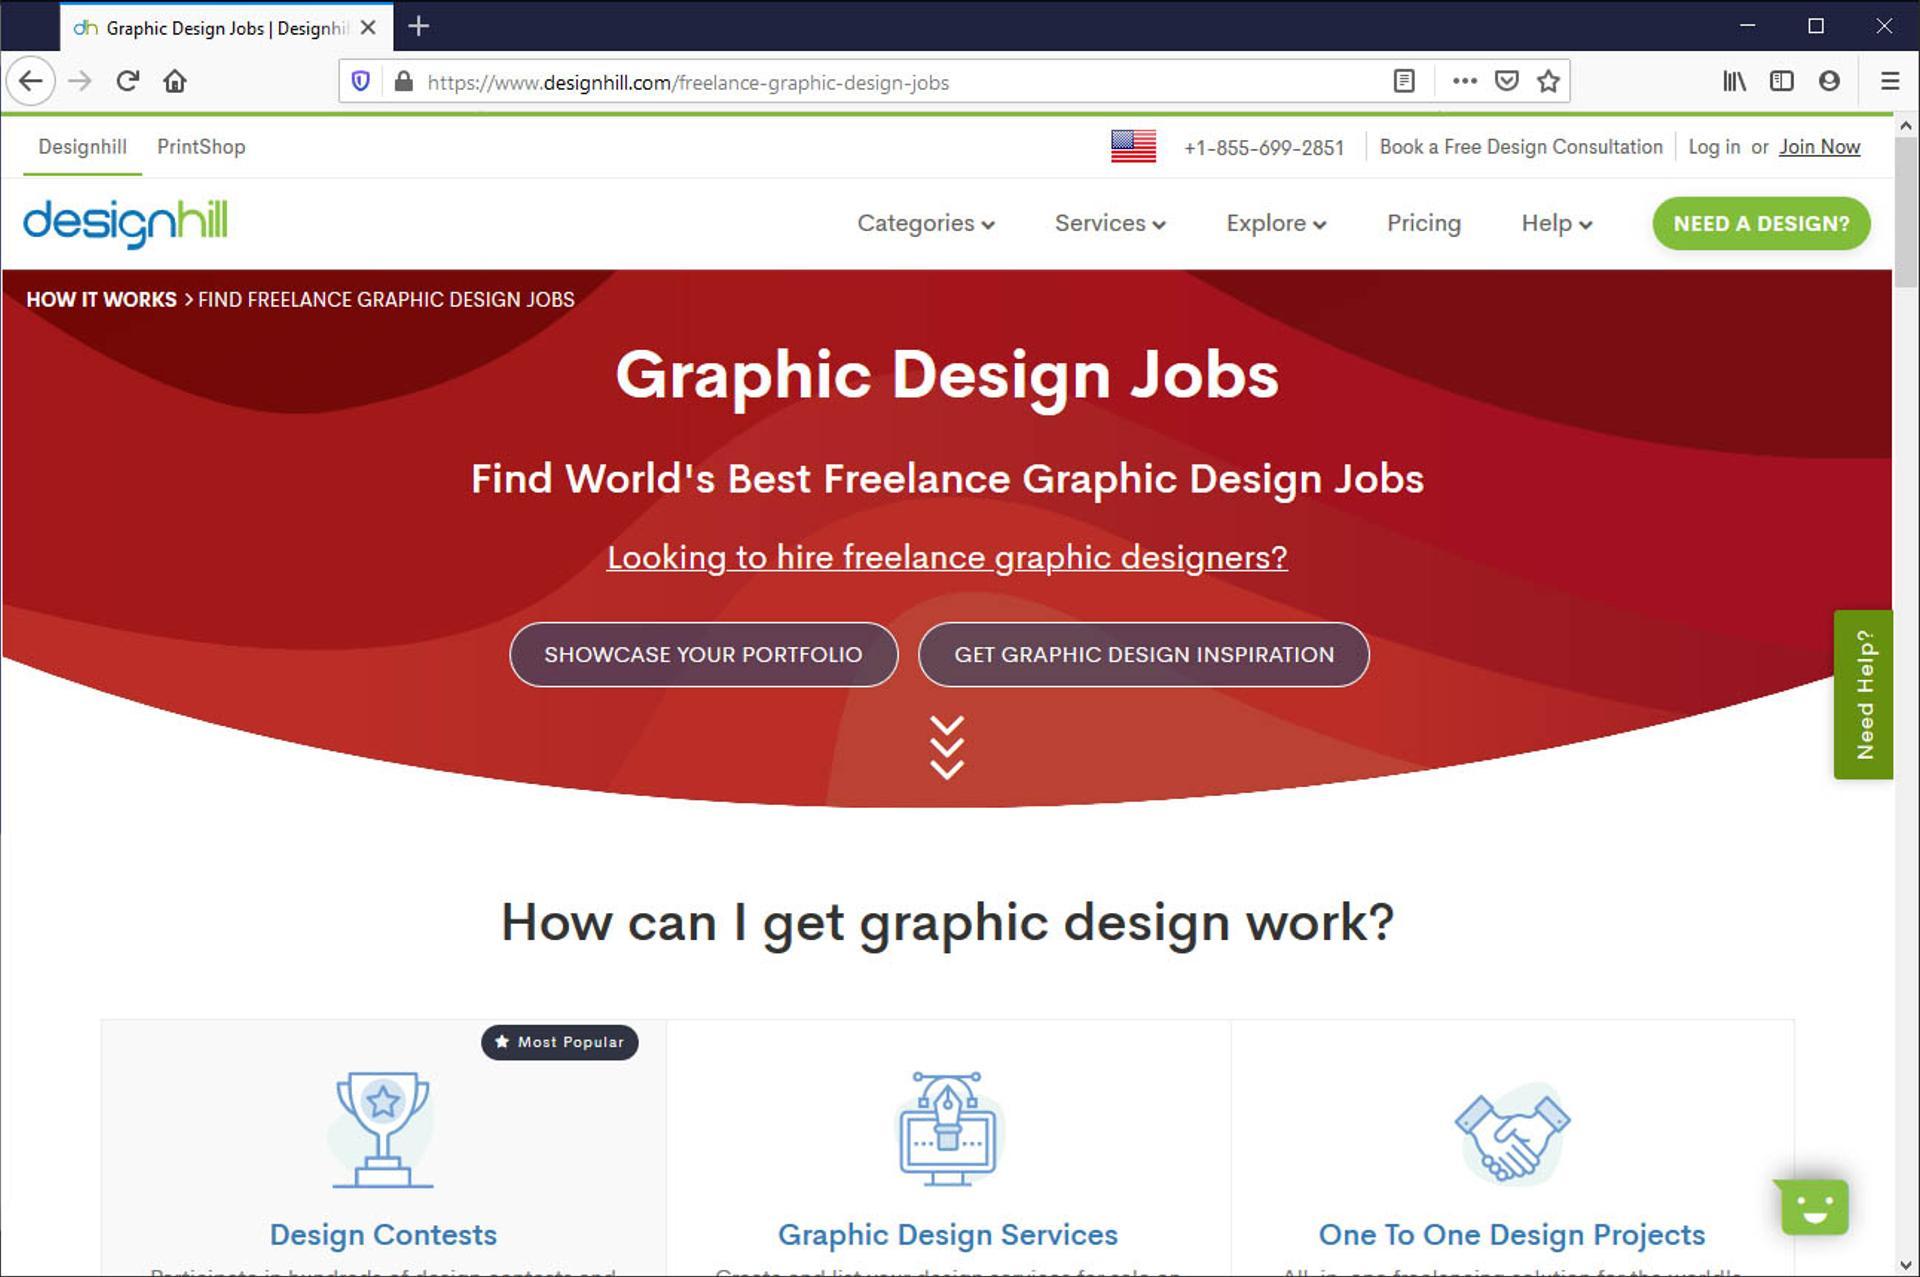 Design Hill screenshot